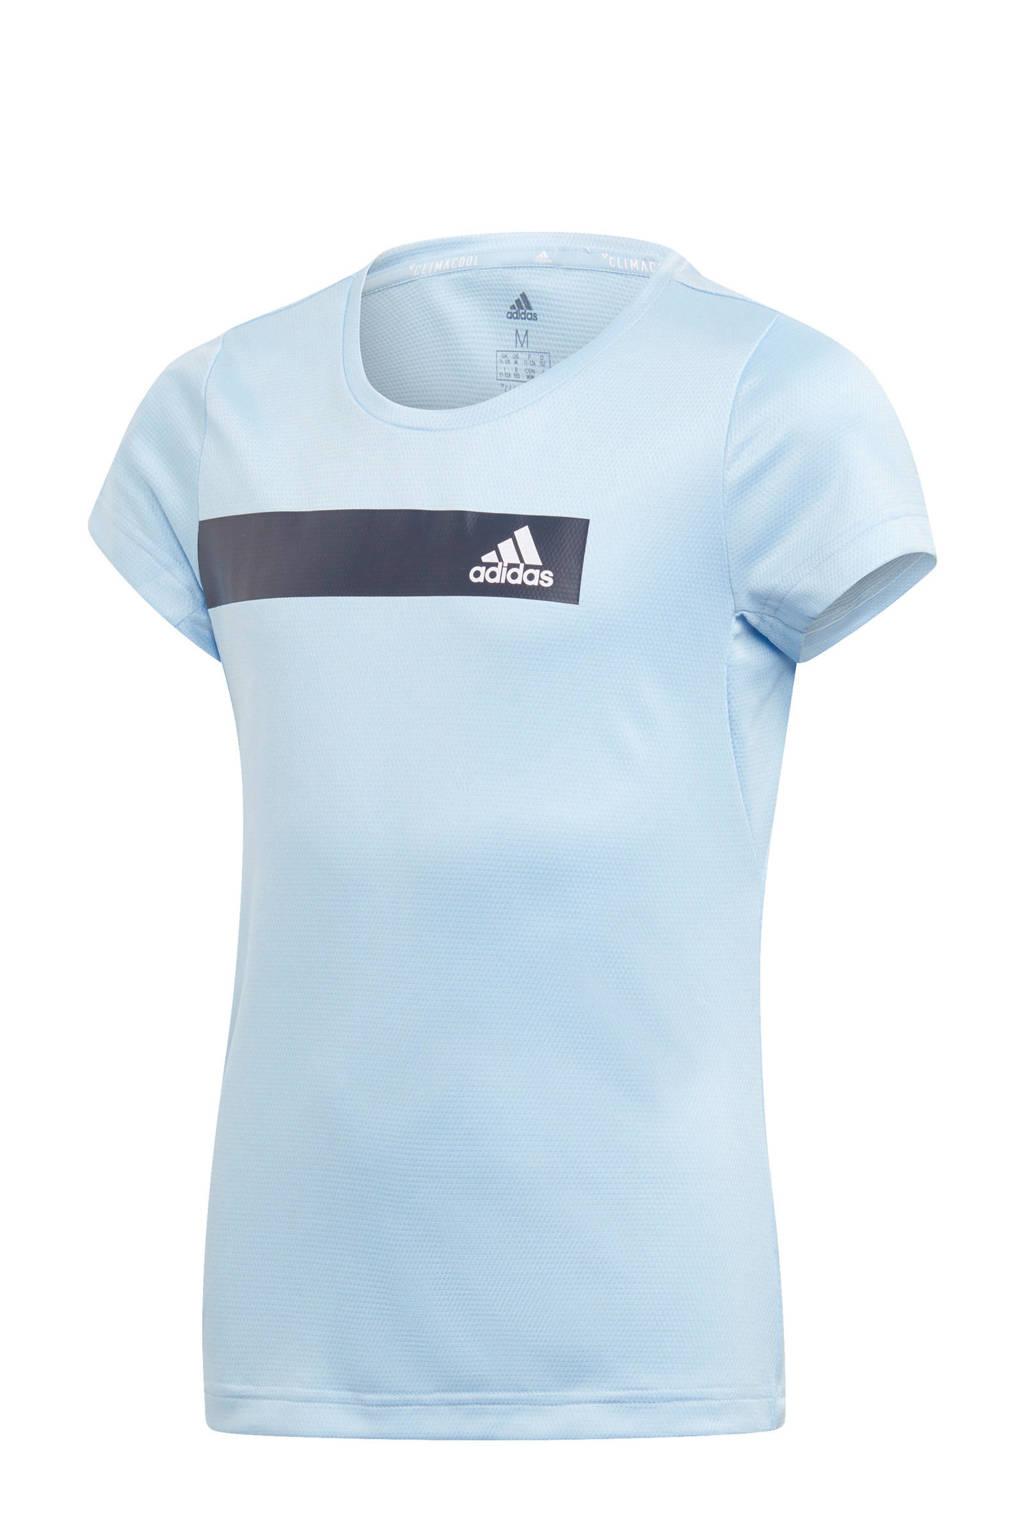 adidas sport T-shirt  lichtblauw, Lichtblauw/donkerblauw